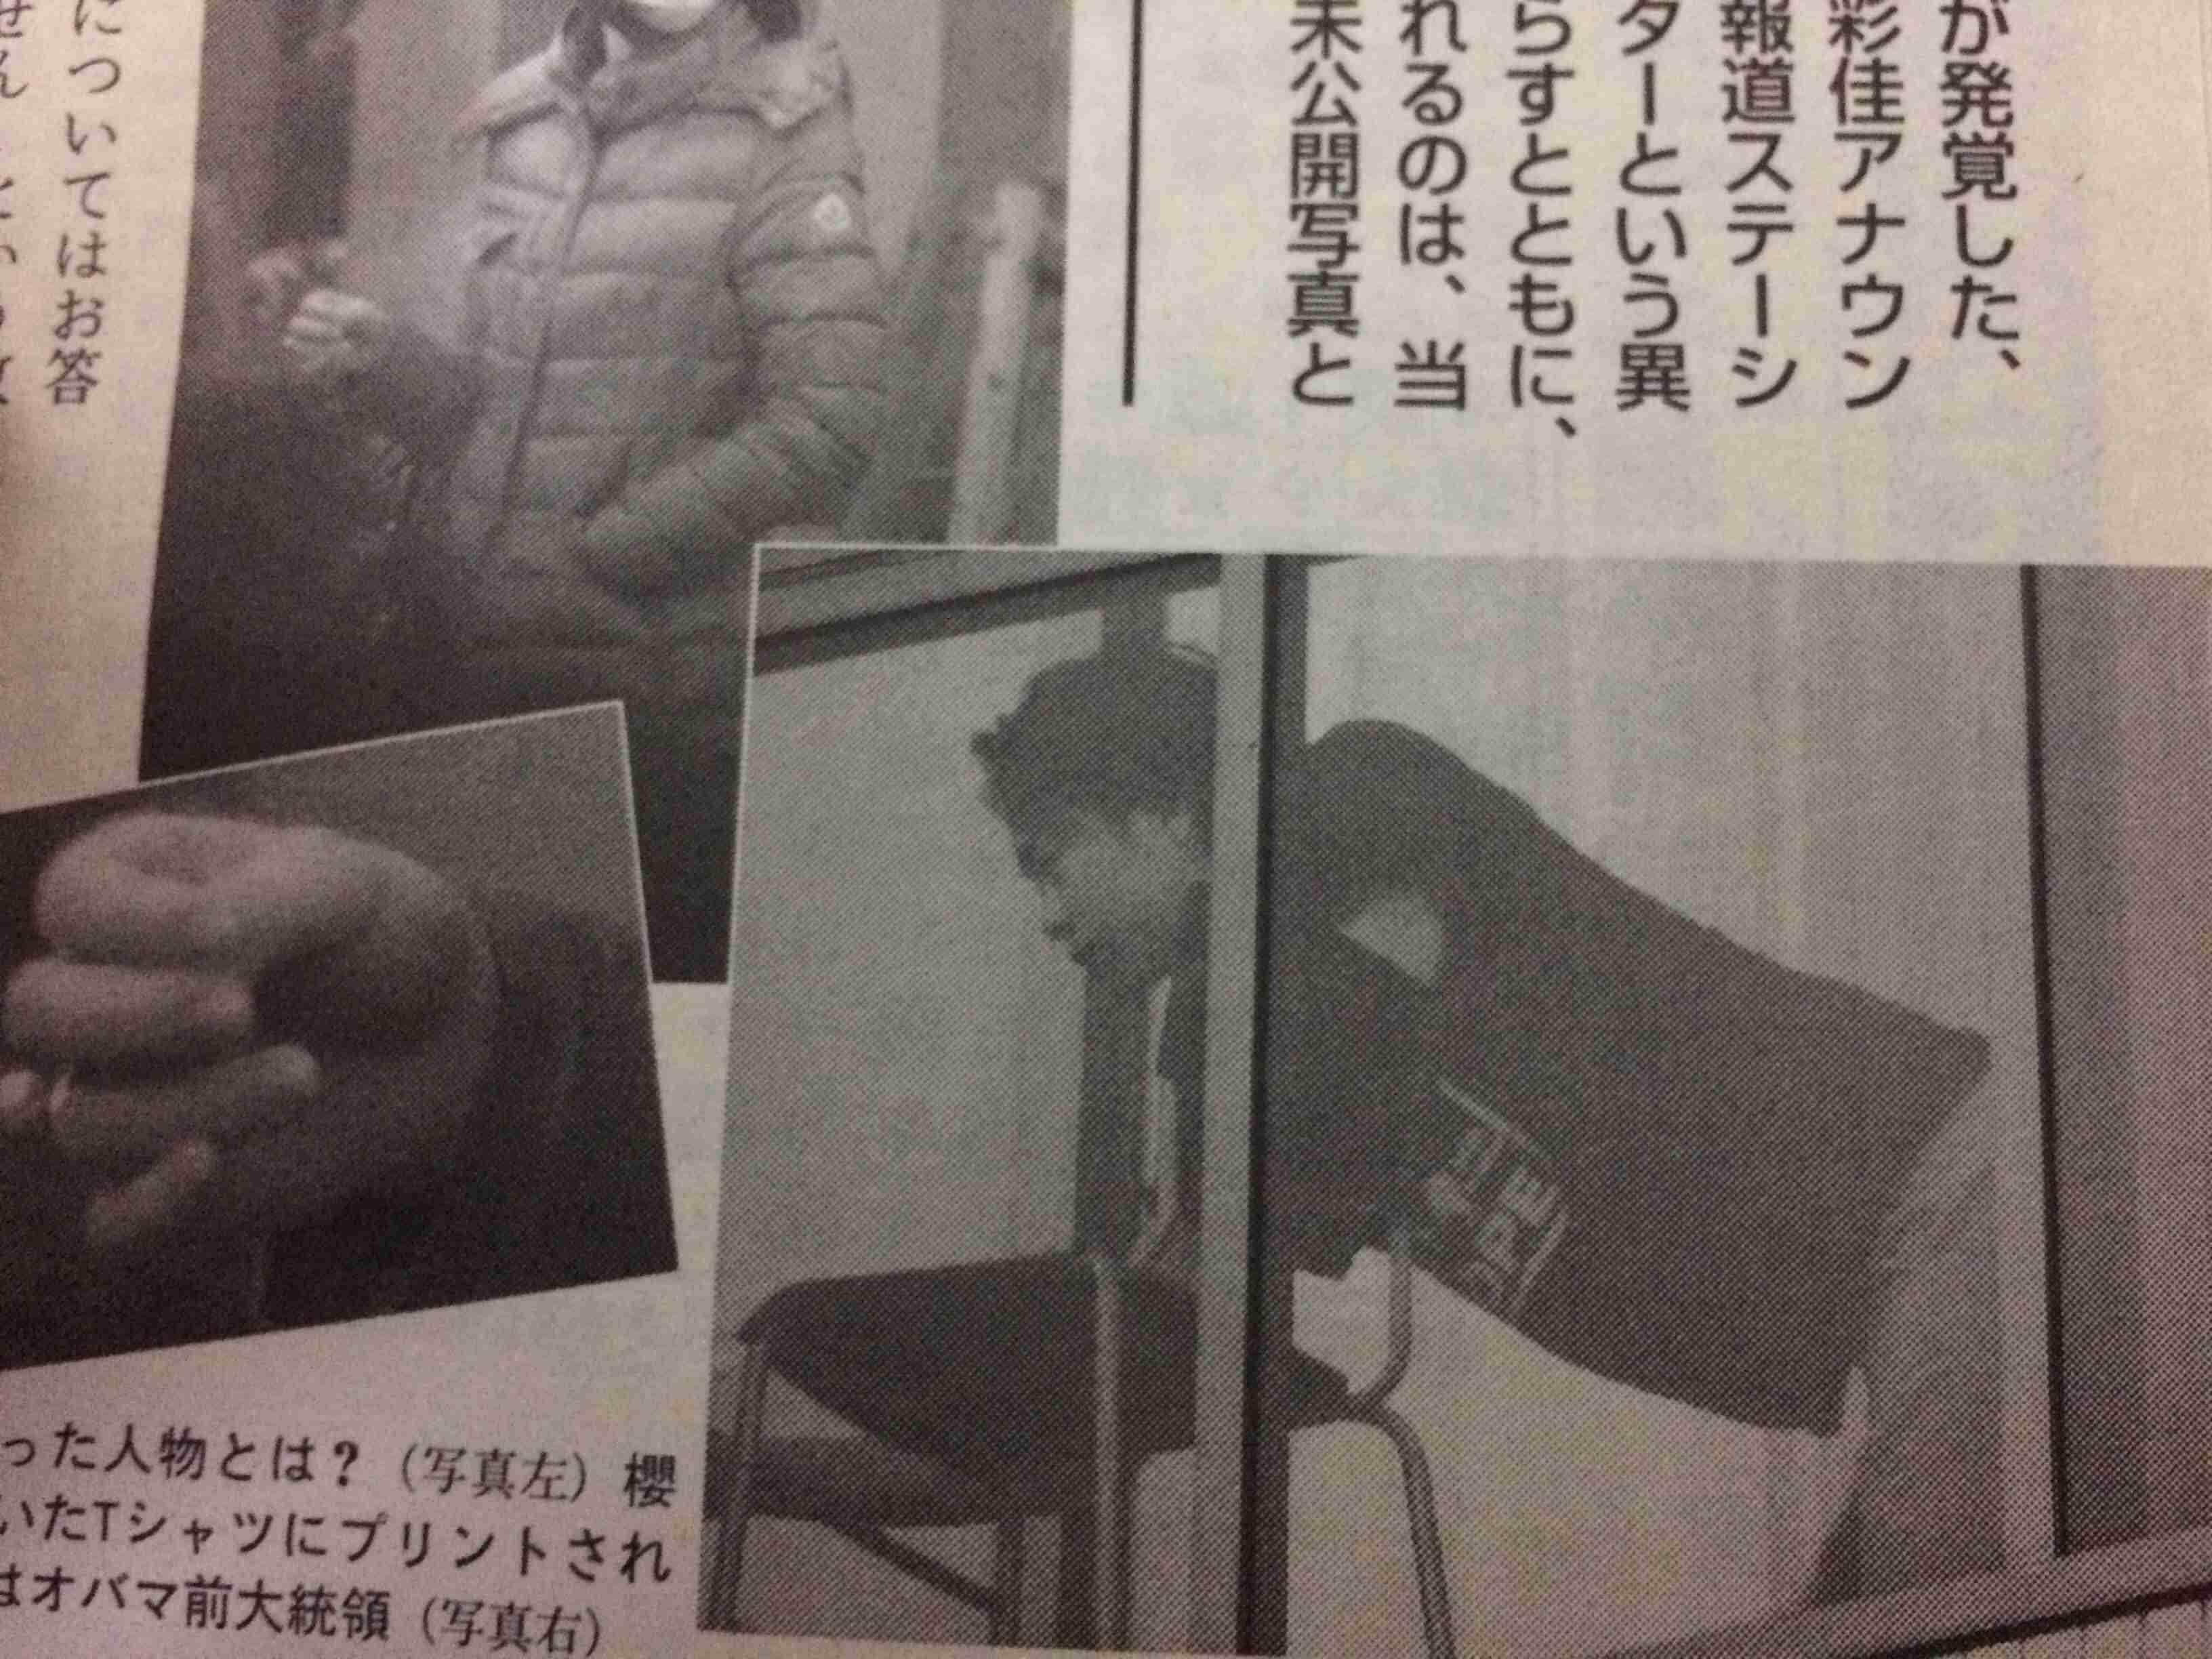 嵐・櫻井翔、東野圭吾氏作品「ラプラスの魔女」主演で広瀬すず&福士蒼汰と初共演!